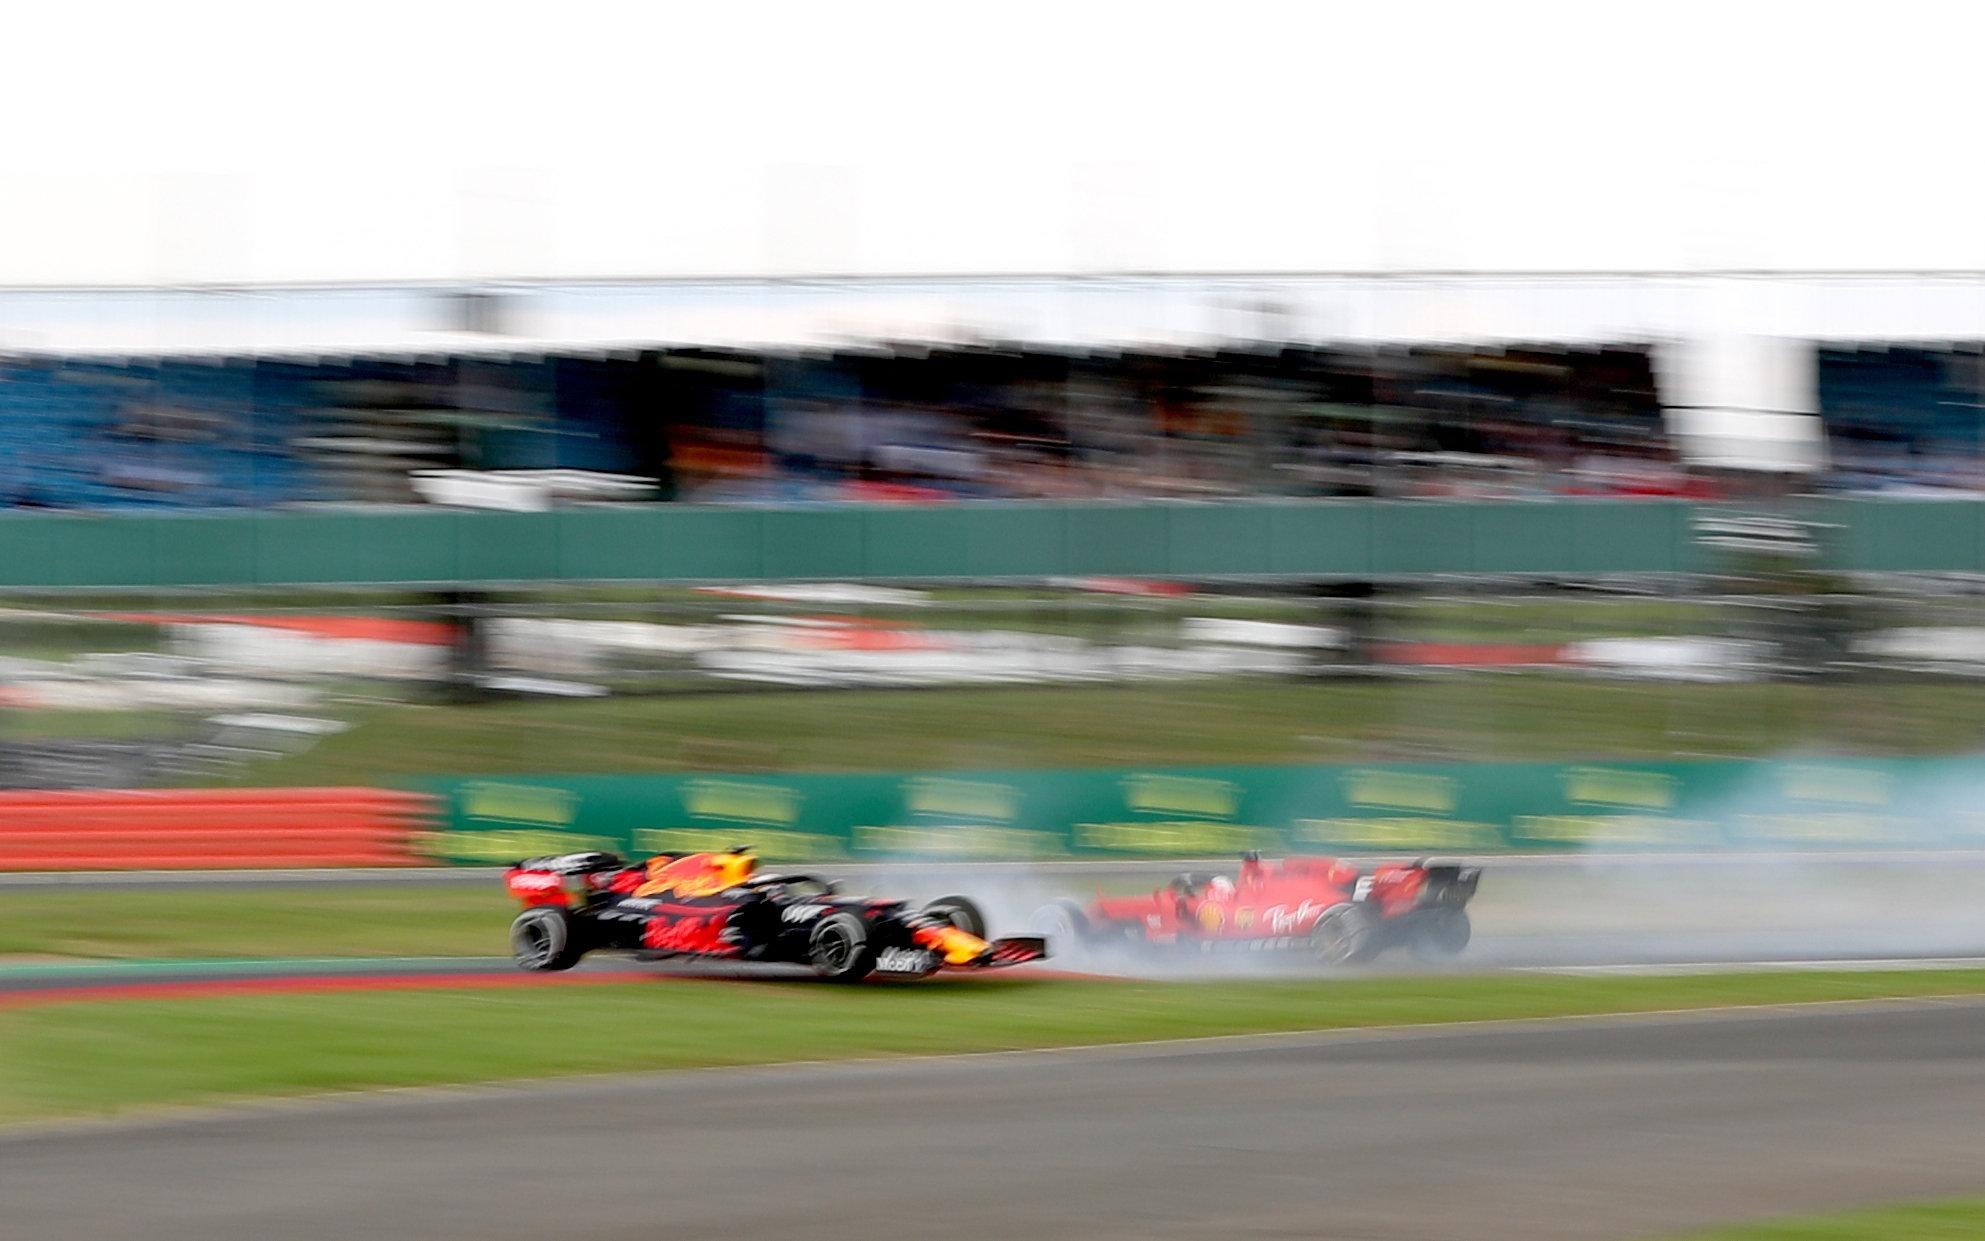 Sebastian Vettel verabschiedete sich durch einen Crash von den Medaillenrängen.